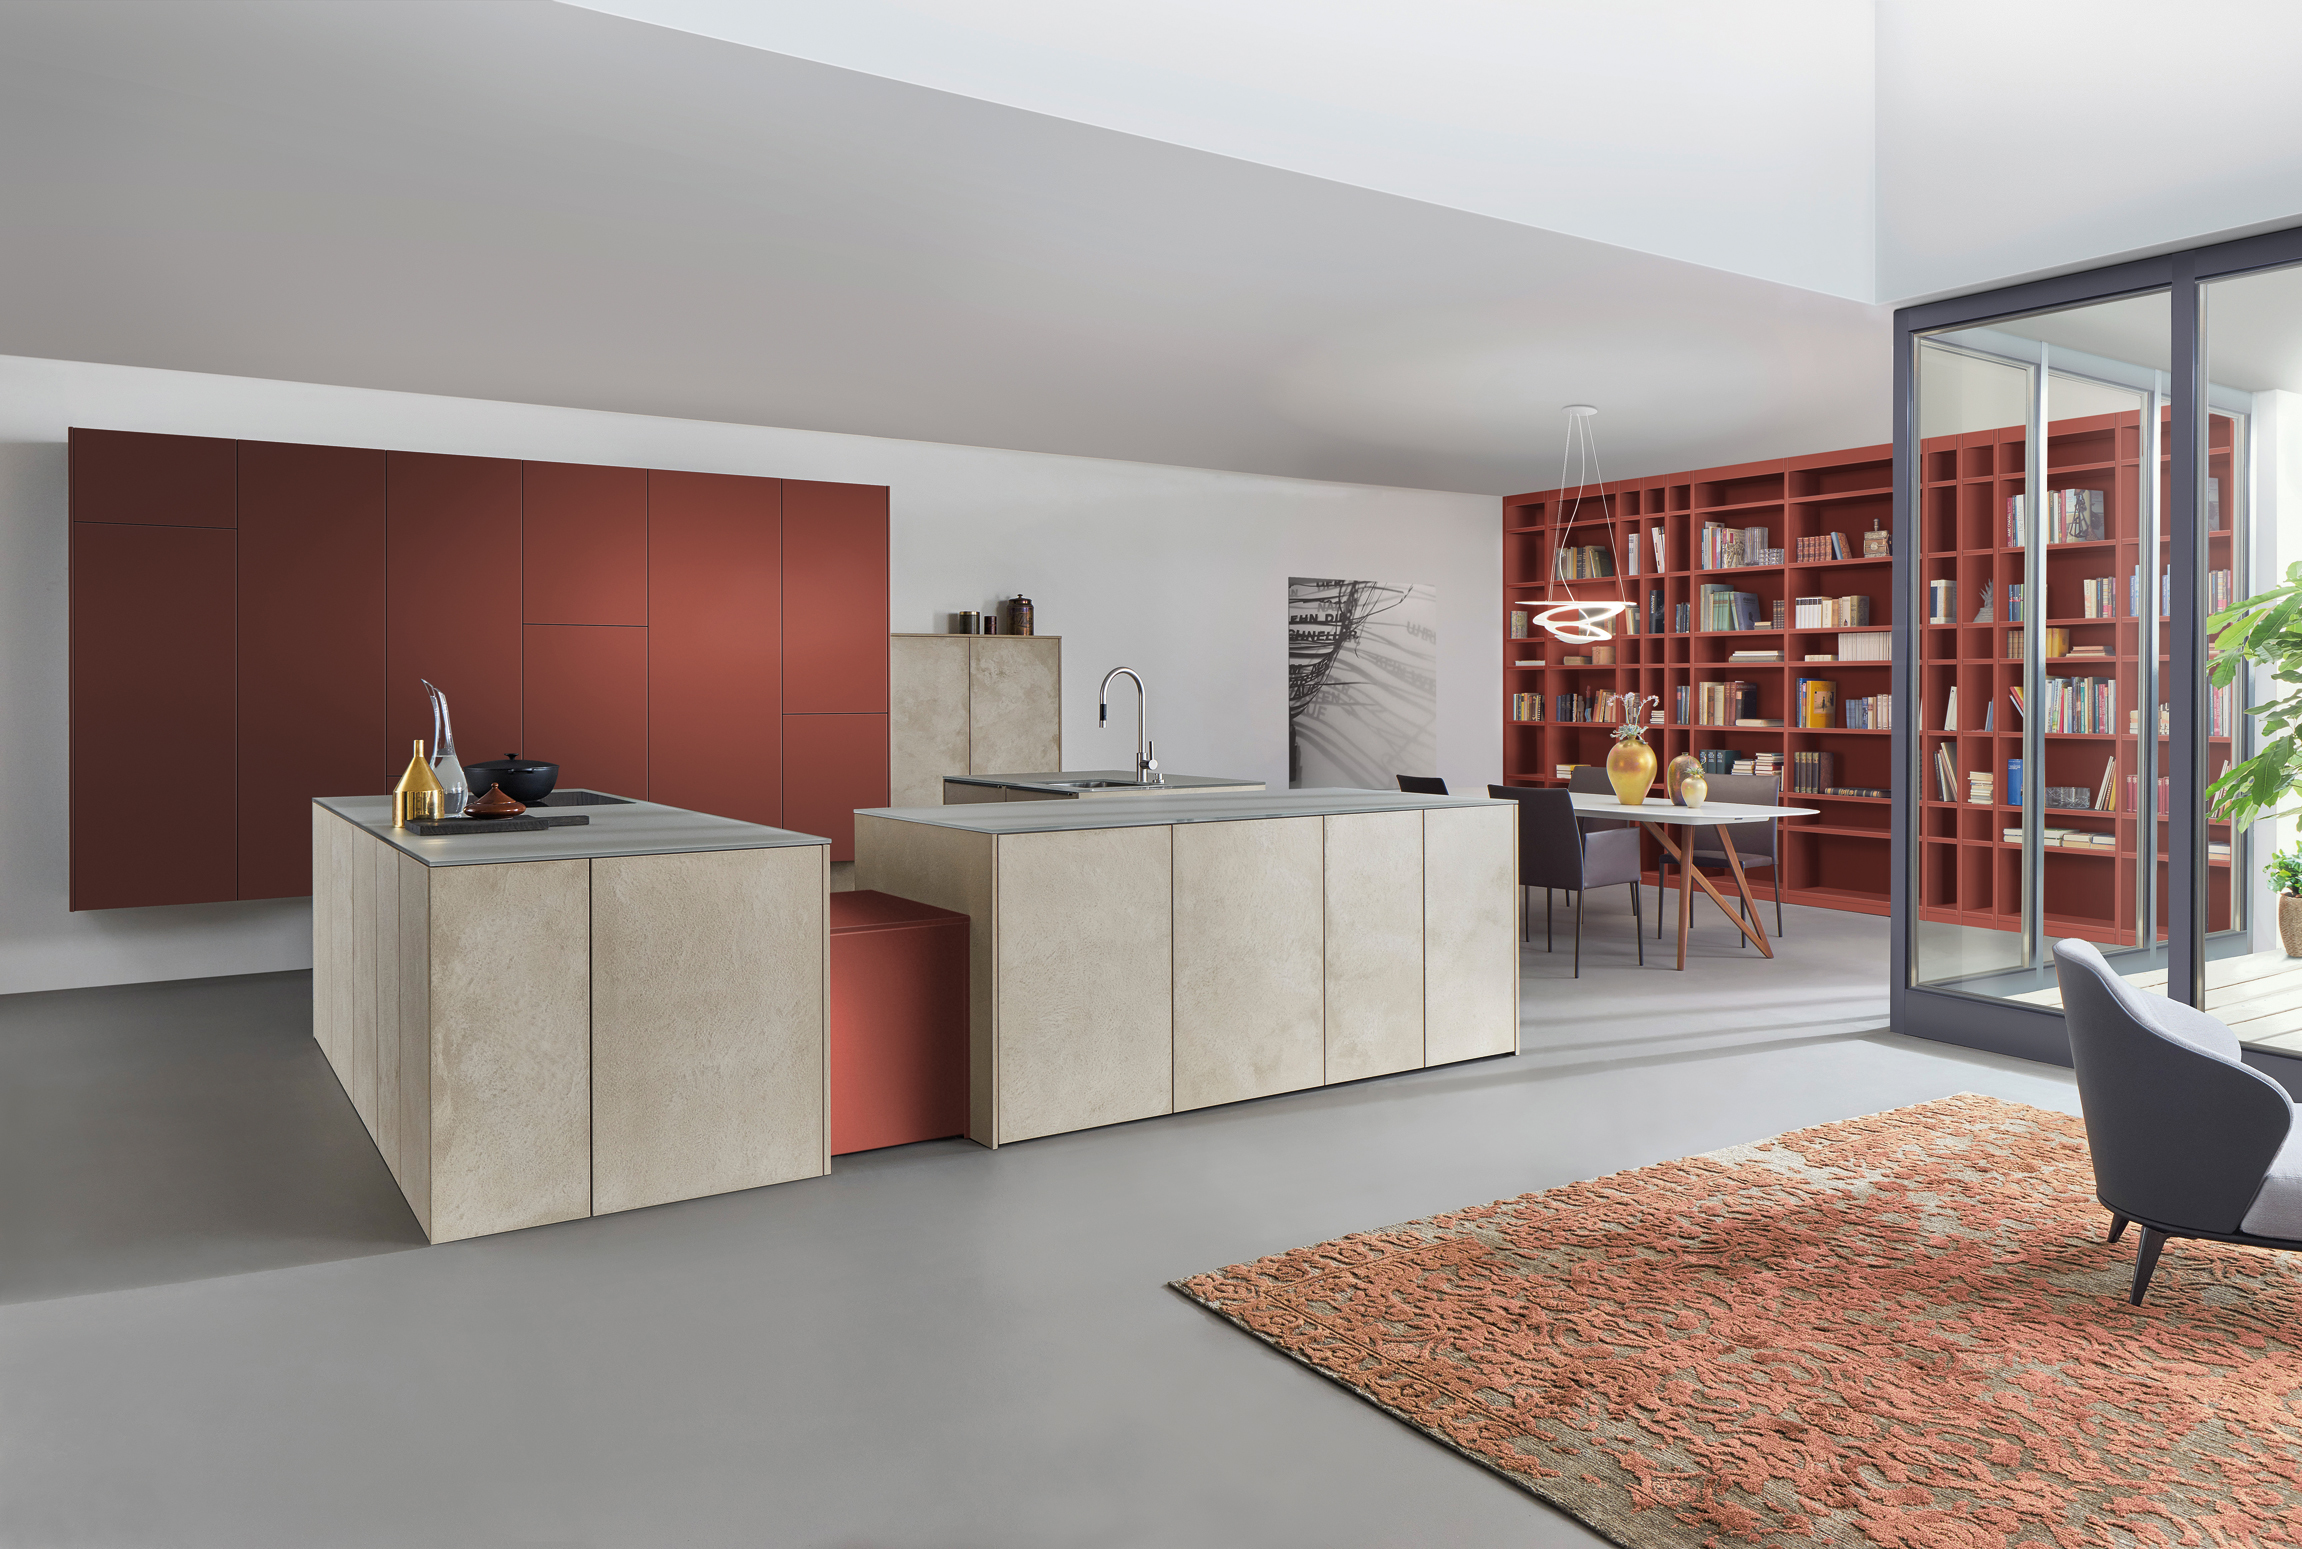 leicht les couleurs le corbusier by leicht k chen stylepark. Black Bedroom Furniture Sets. Home Design Ideas